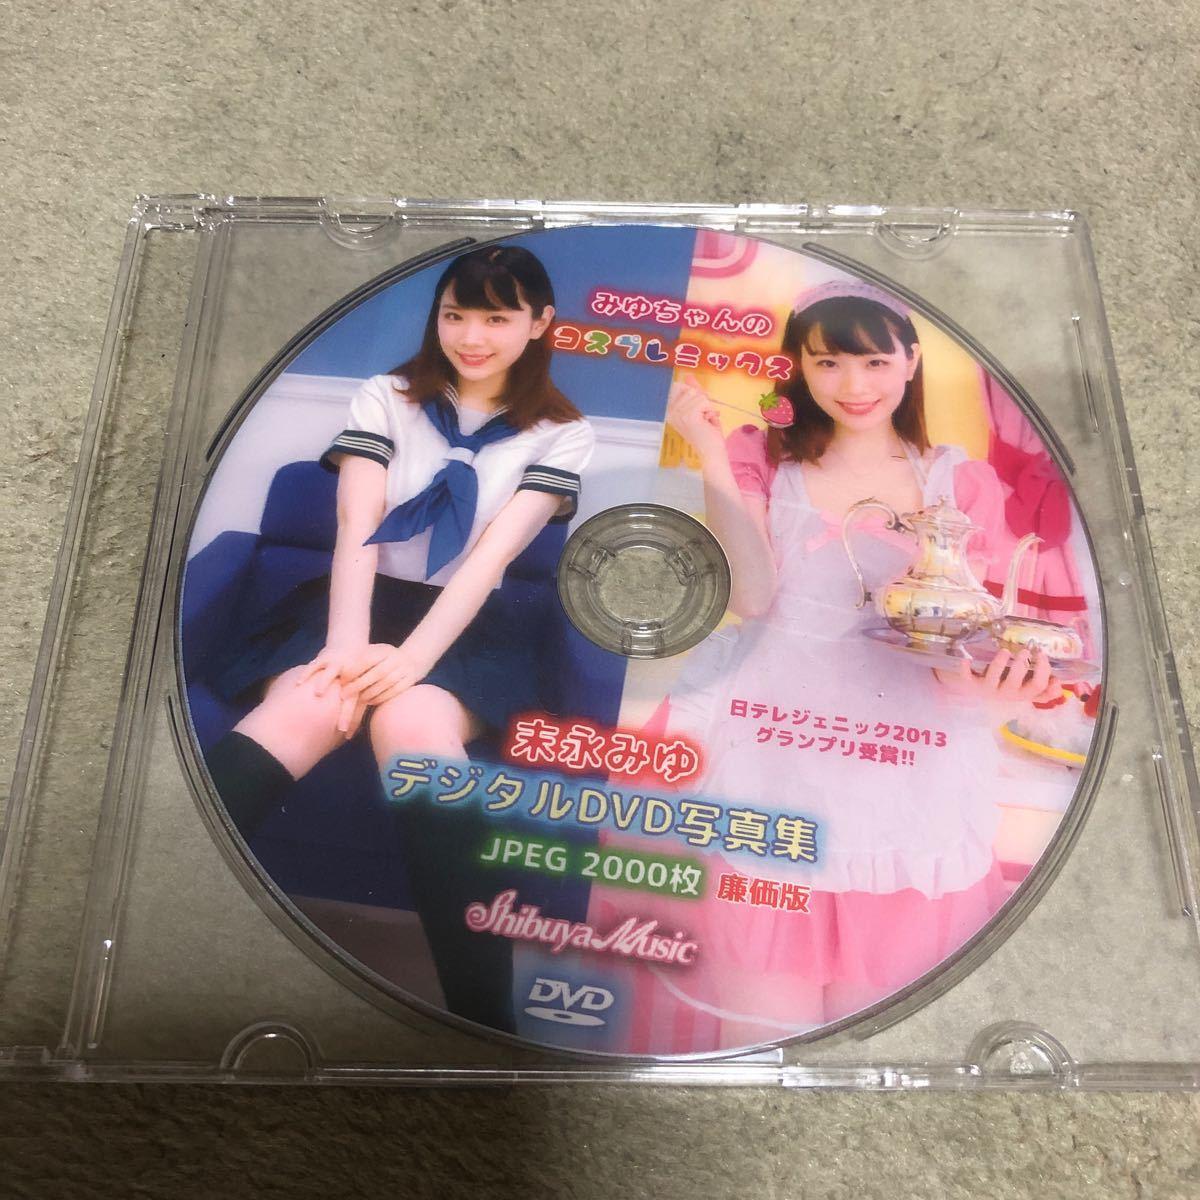 末永みゆ デジタルDVD写真集 みゆちゃんのコスプレミックス